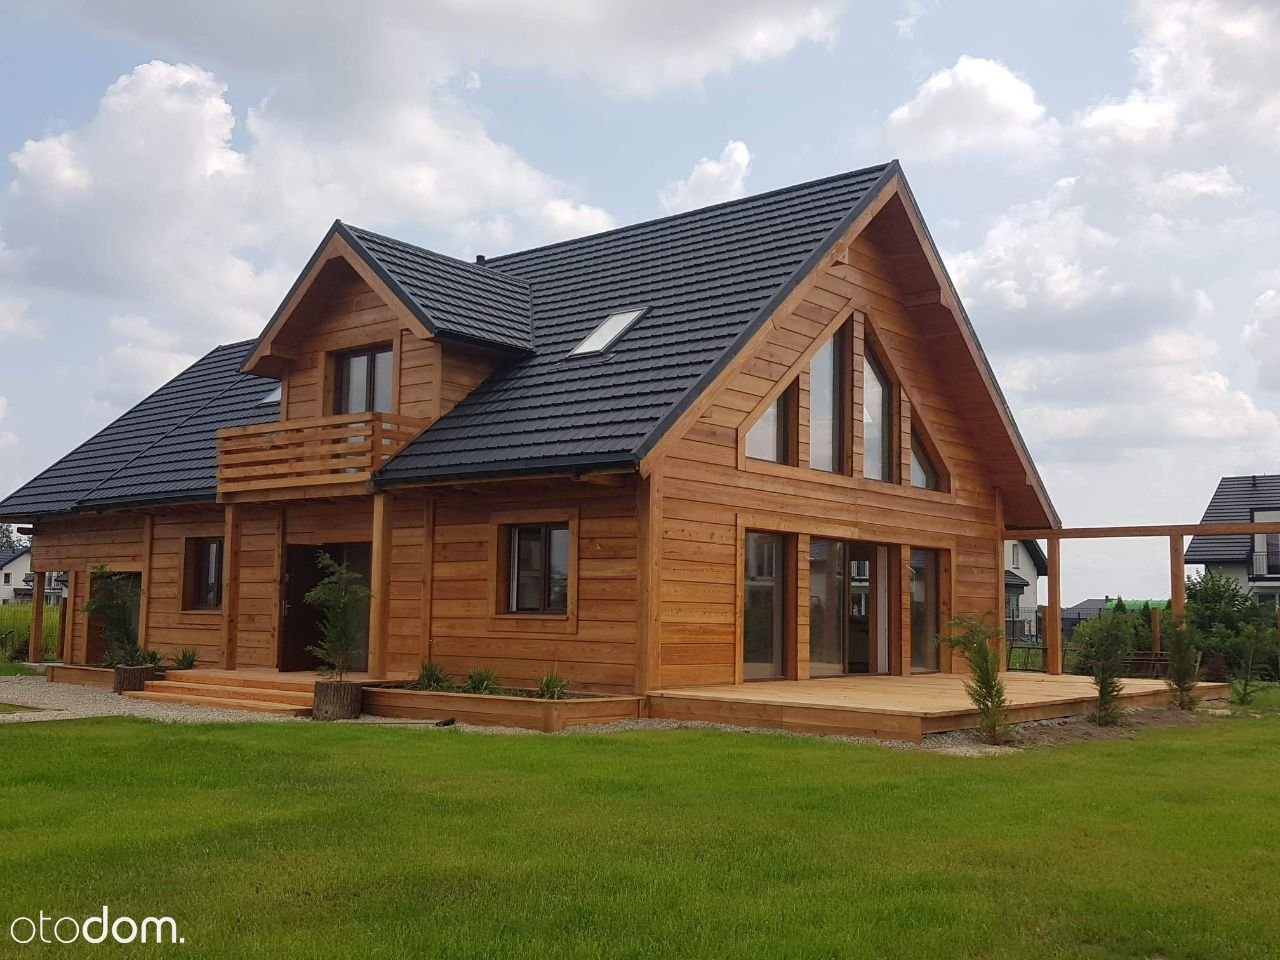 Piękny dom z modrzewiową elewacją